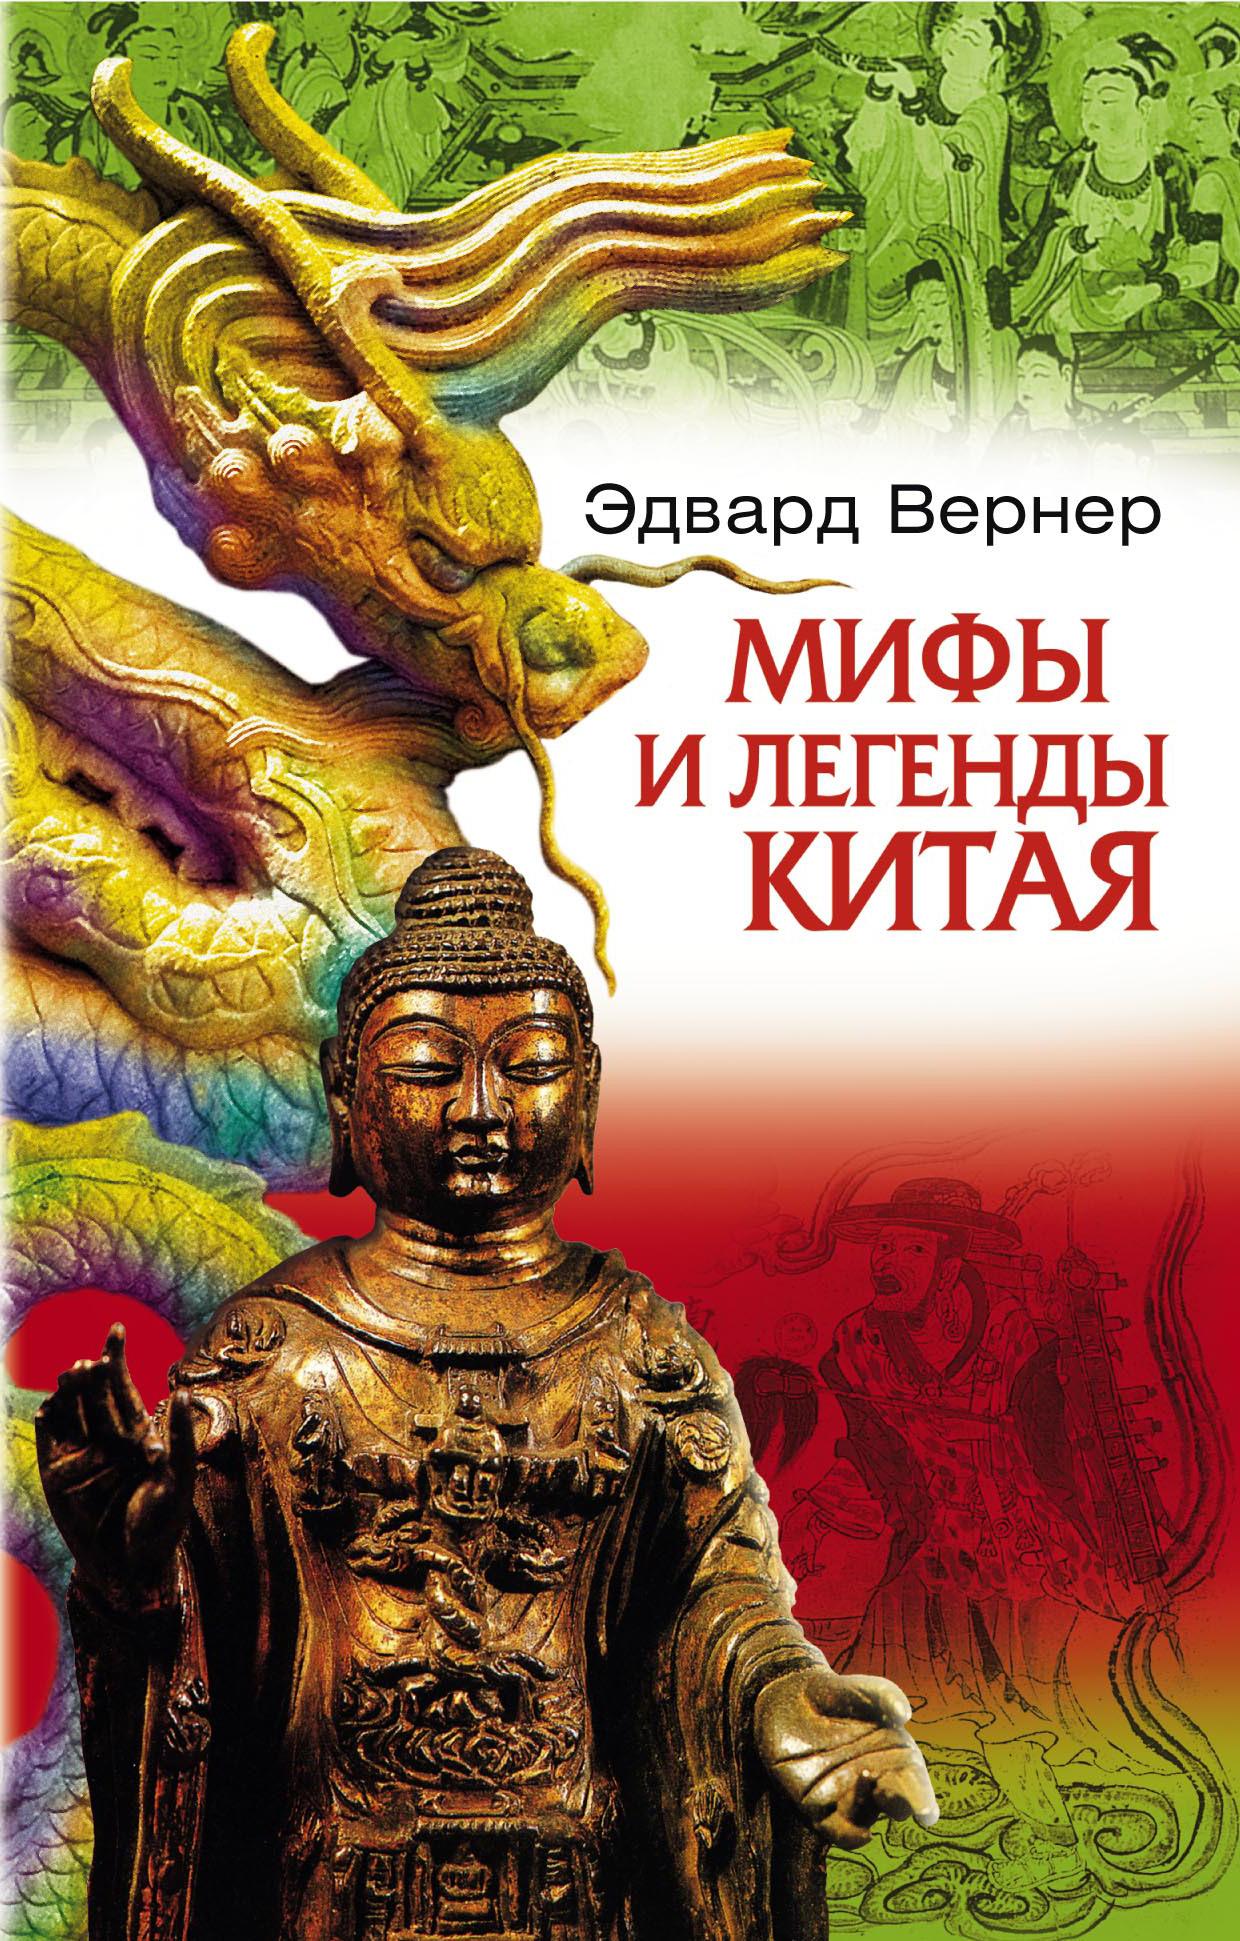 Эдвард Вернер Мифы и легенды Китая эдвард вернер оружие китая развитие традиционного оружия